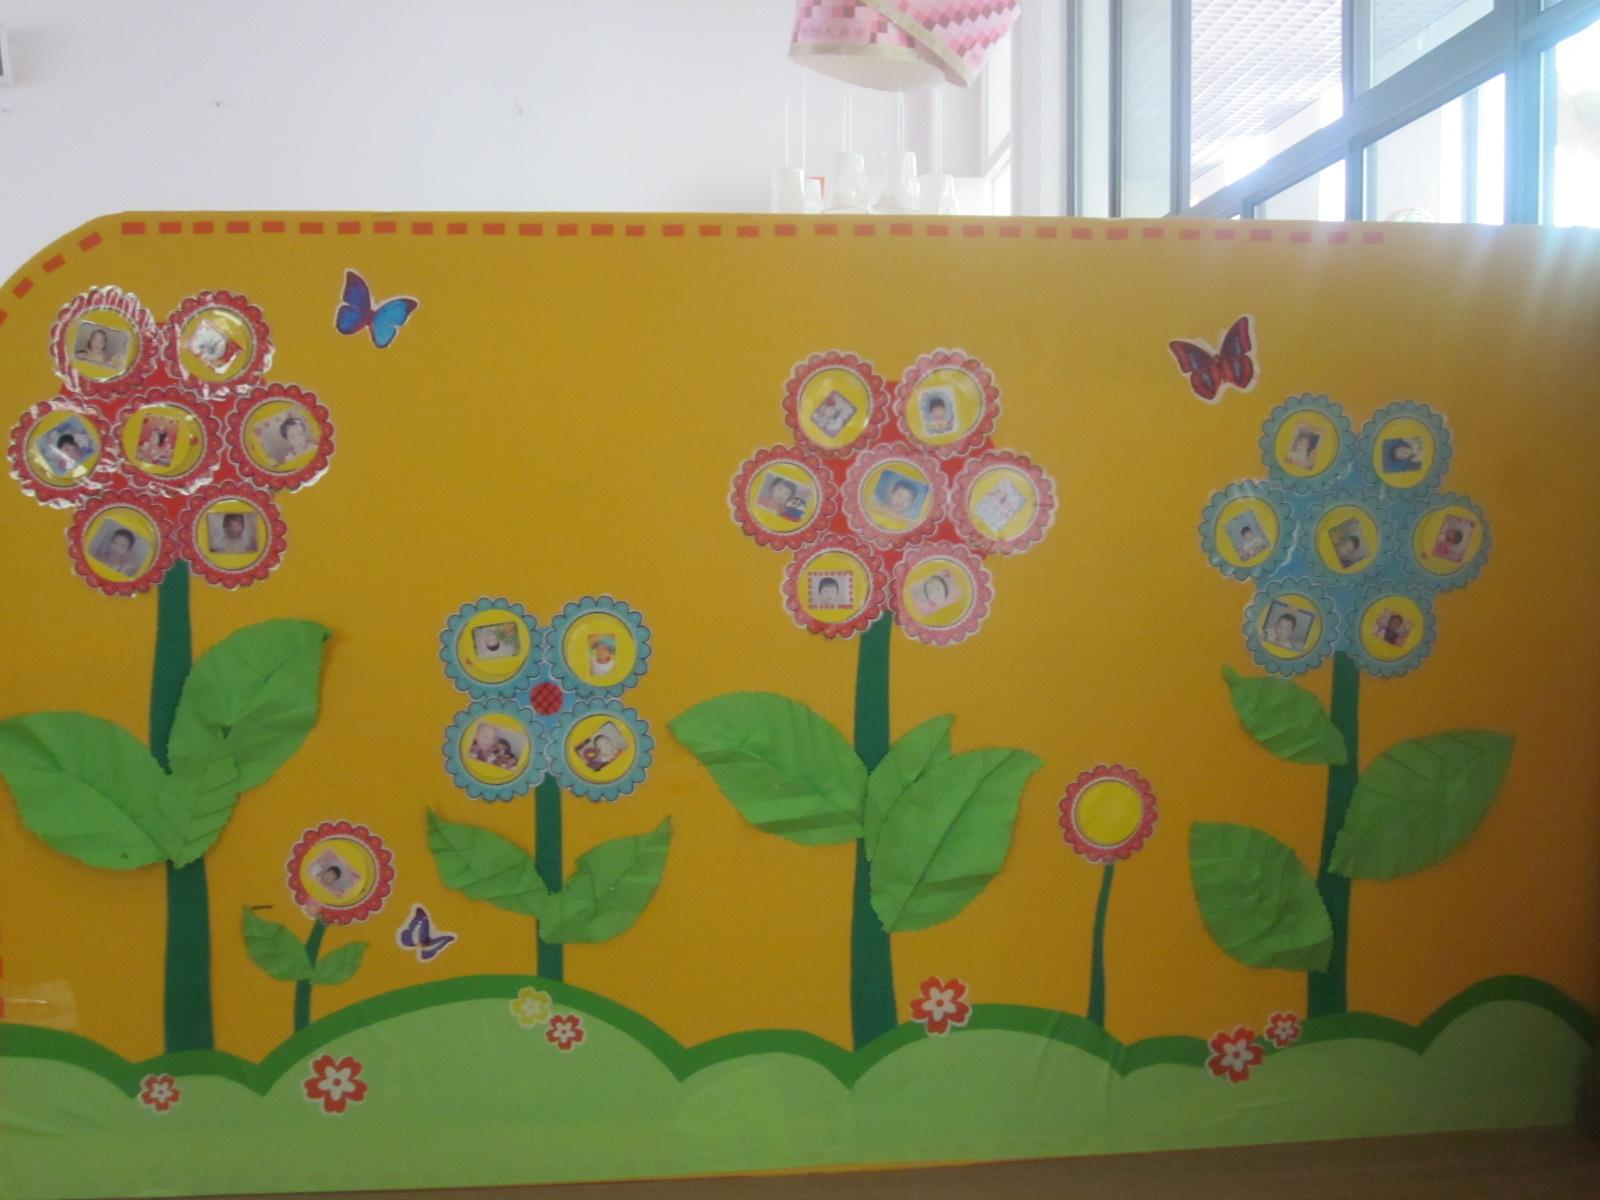 幼儿园娃娃家绘画作品全家福分享展示图片